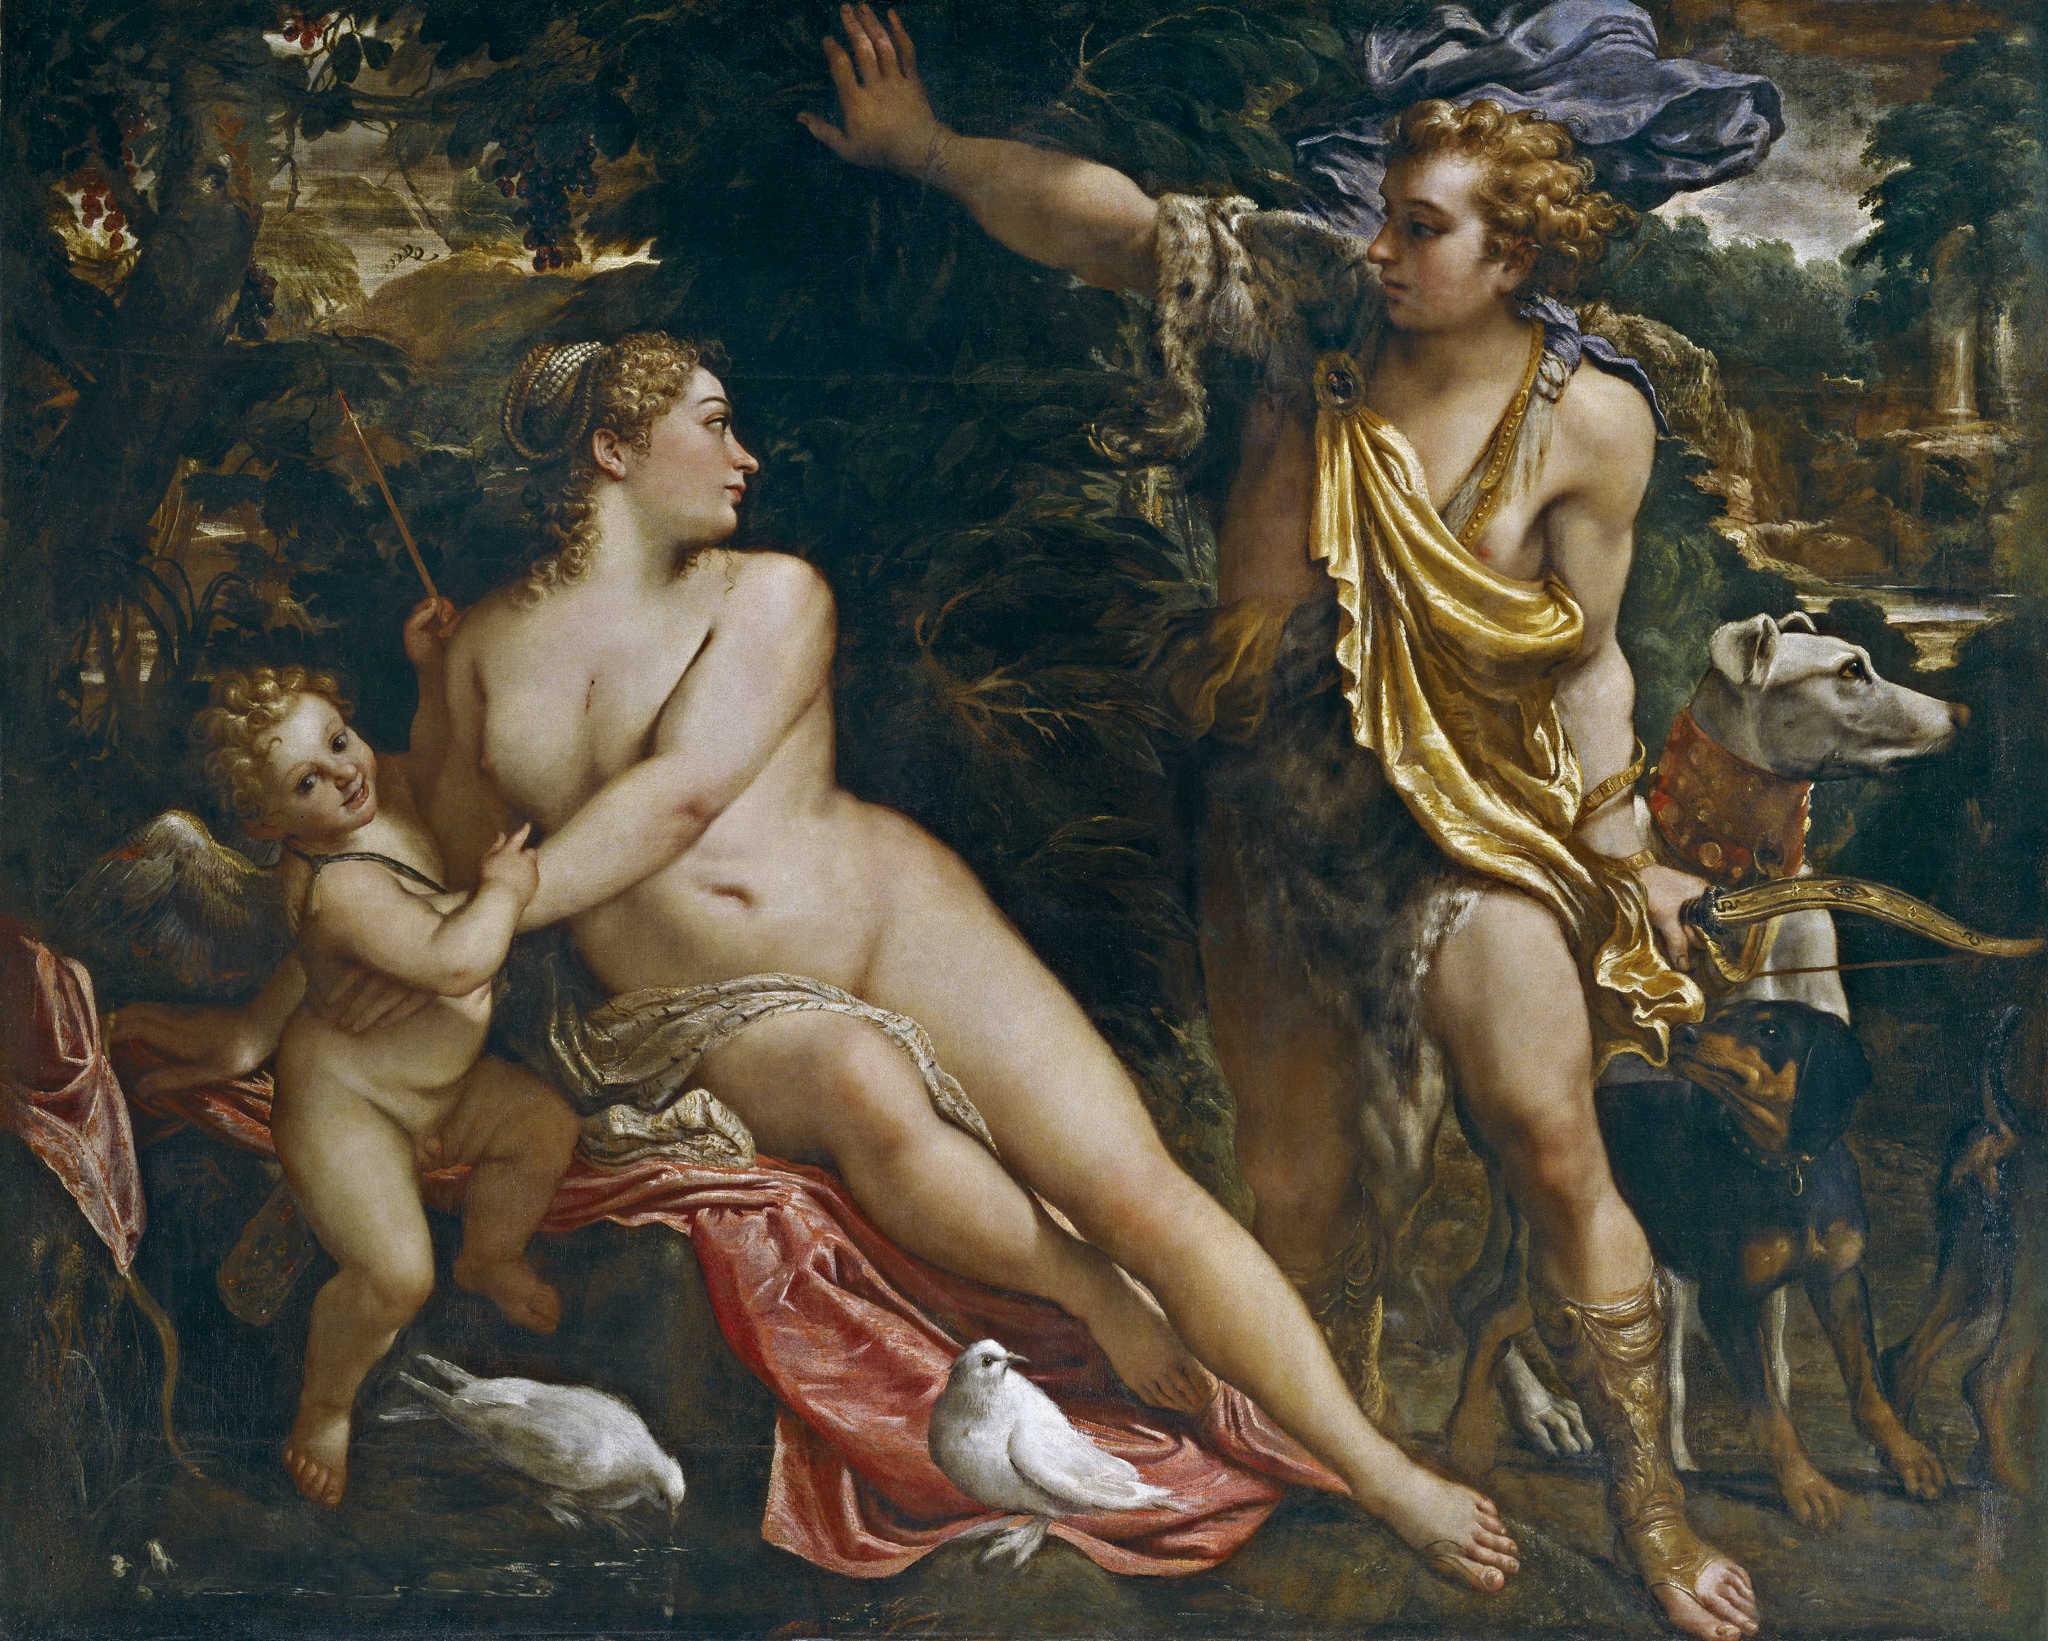 erotika-drevnegrecheskimi-bogami-otpuske-zhenoy-porno